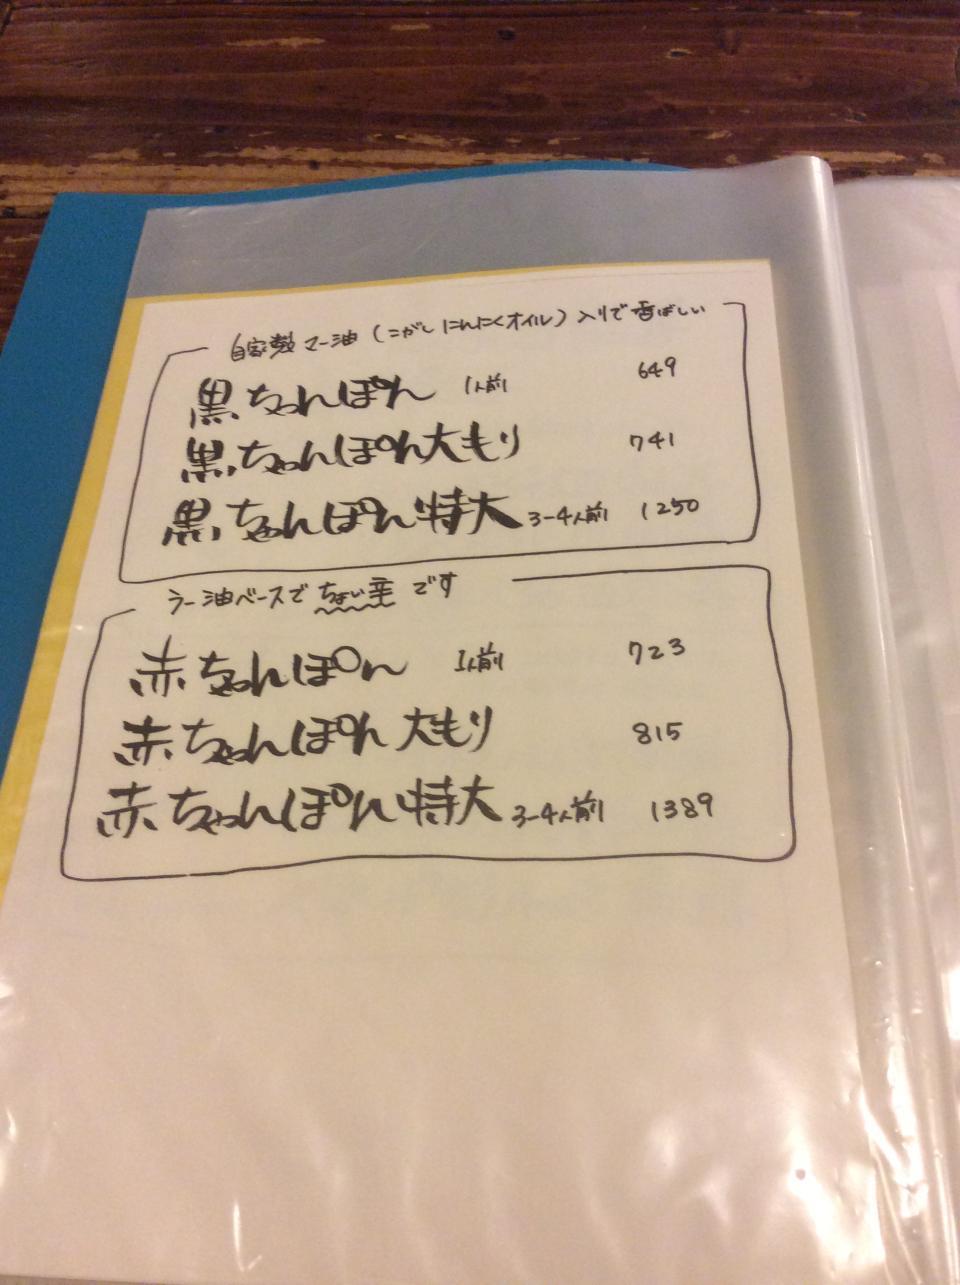 ちゃんぽん食堂 よかばってん(メニュー)